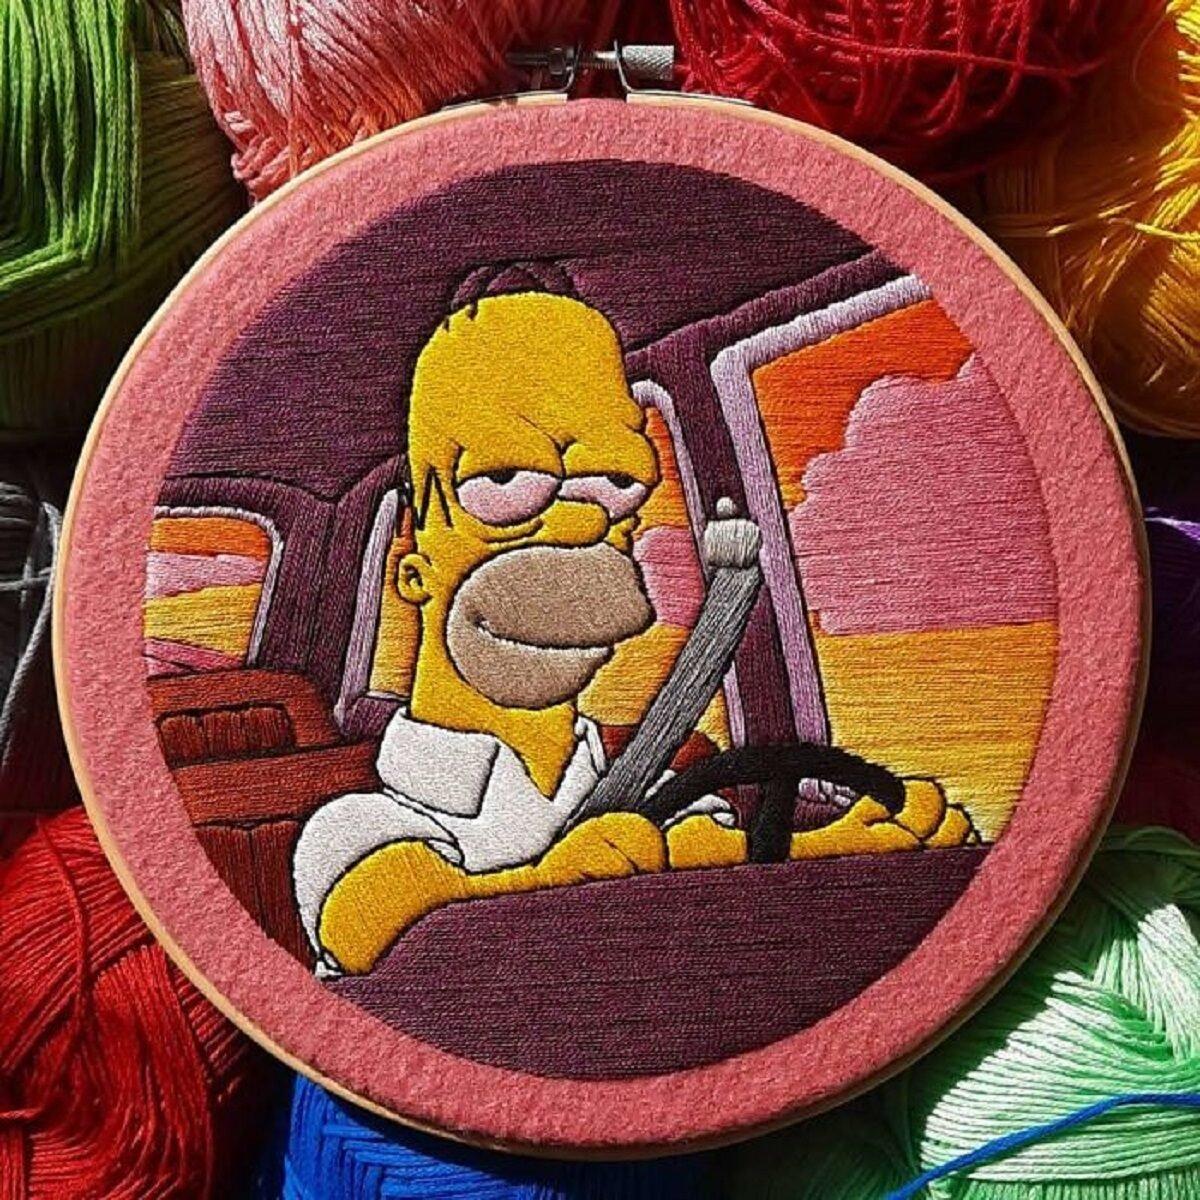 Artista Gabriela Martinez cria bordados de cenas de Os Simpsons 5